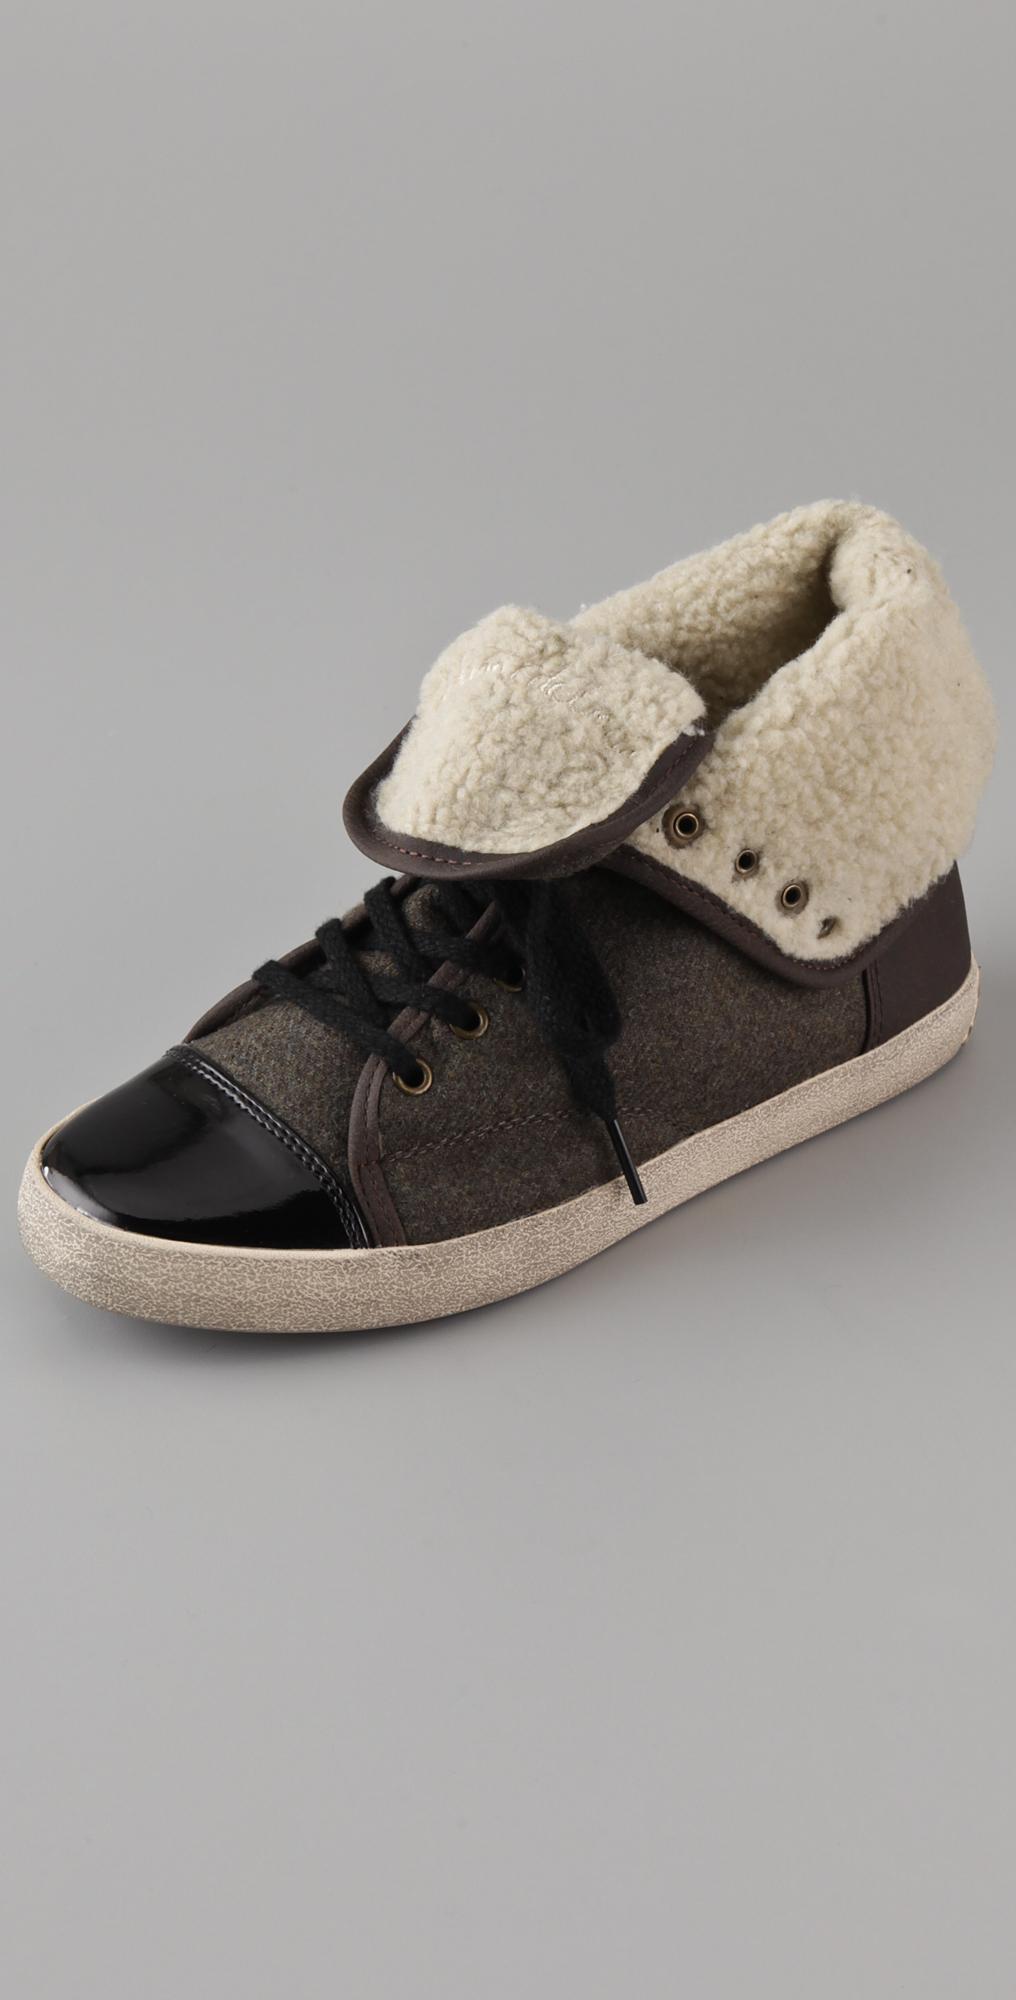 3a76f45206d15 Sam Edelman Cori Sherpa High Top Sneakers